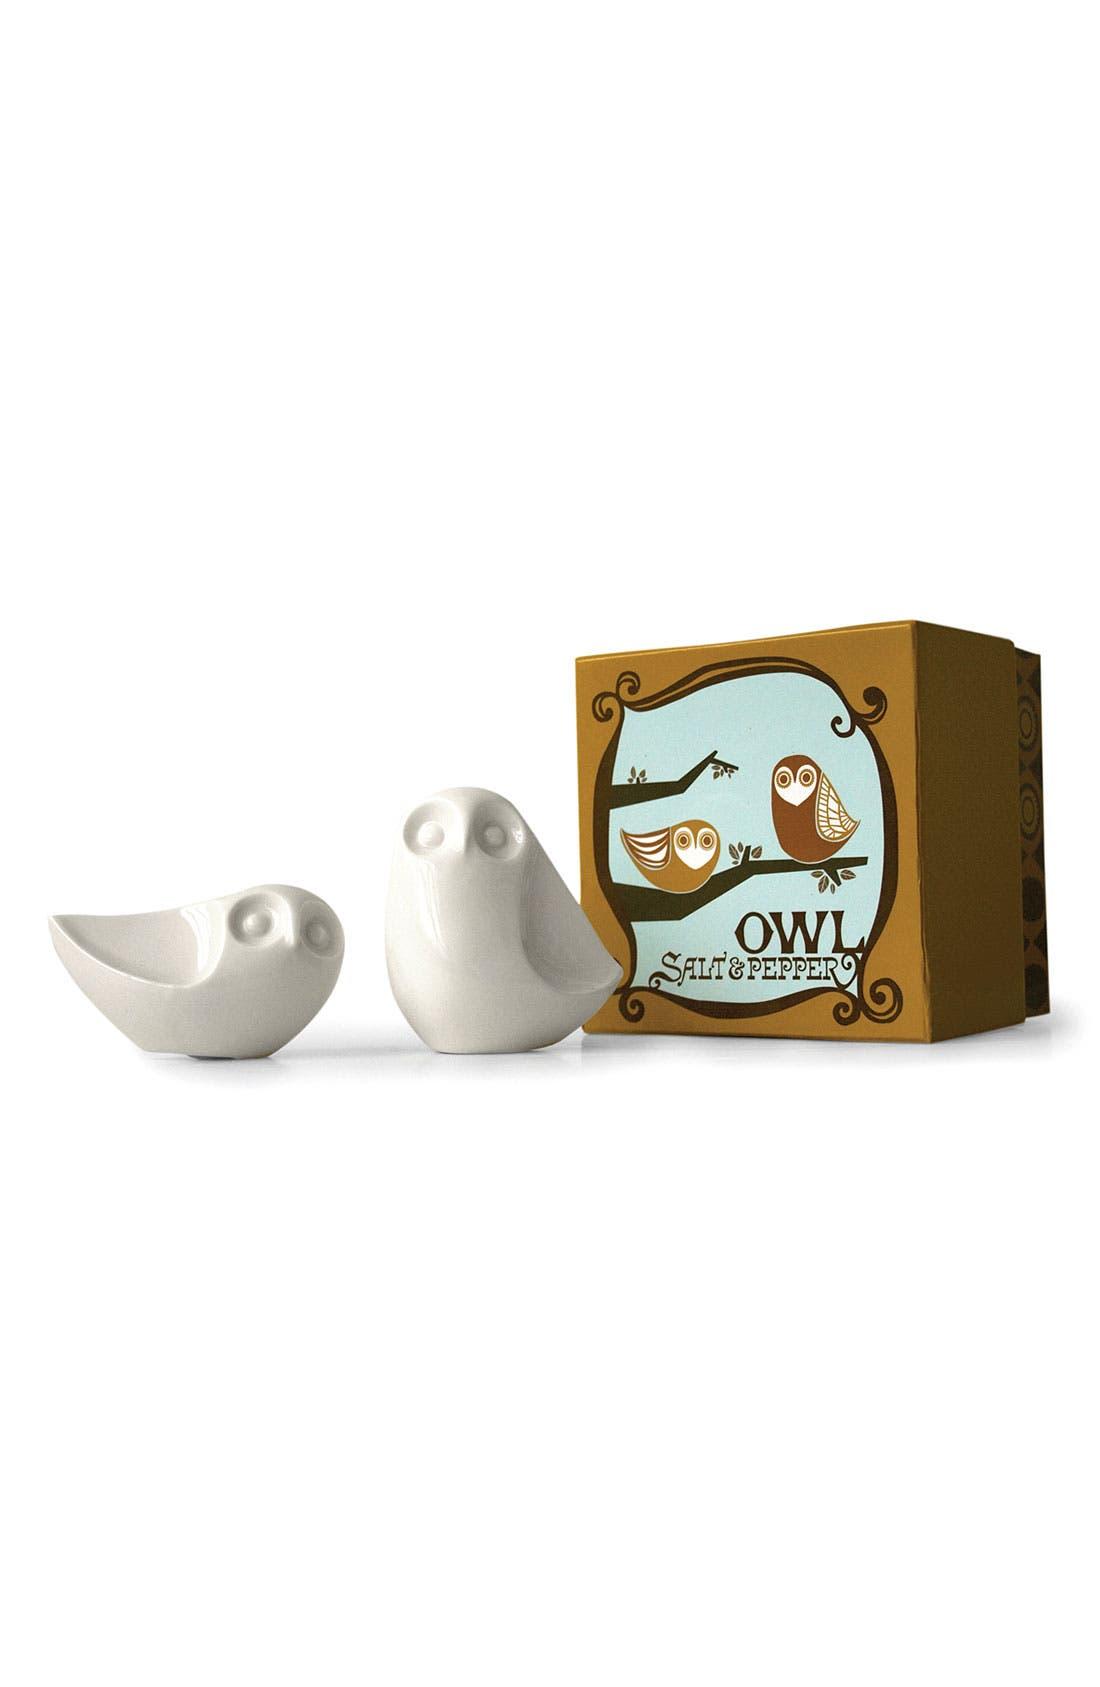 Alternate Image 1 Selected - Jonathan Adler Owl Salt & Pepper Shakers